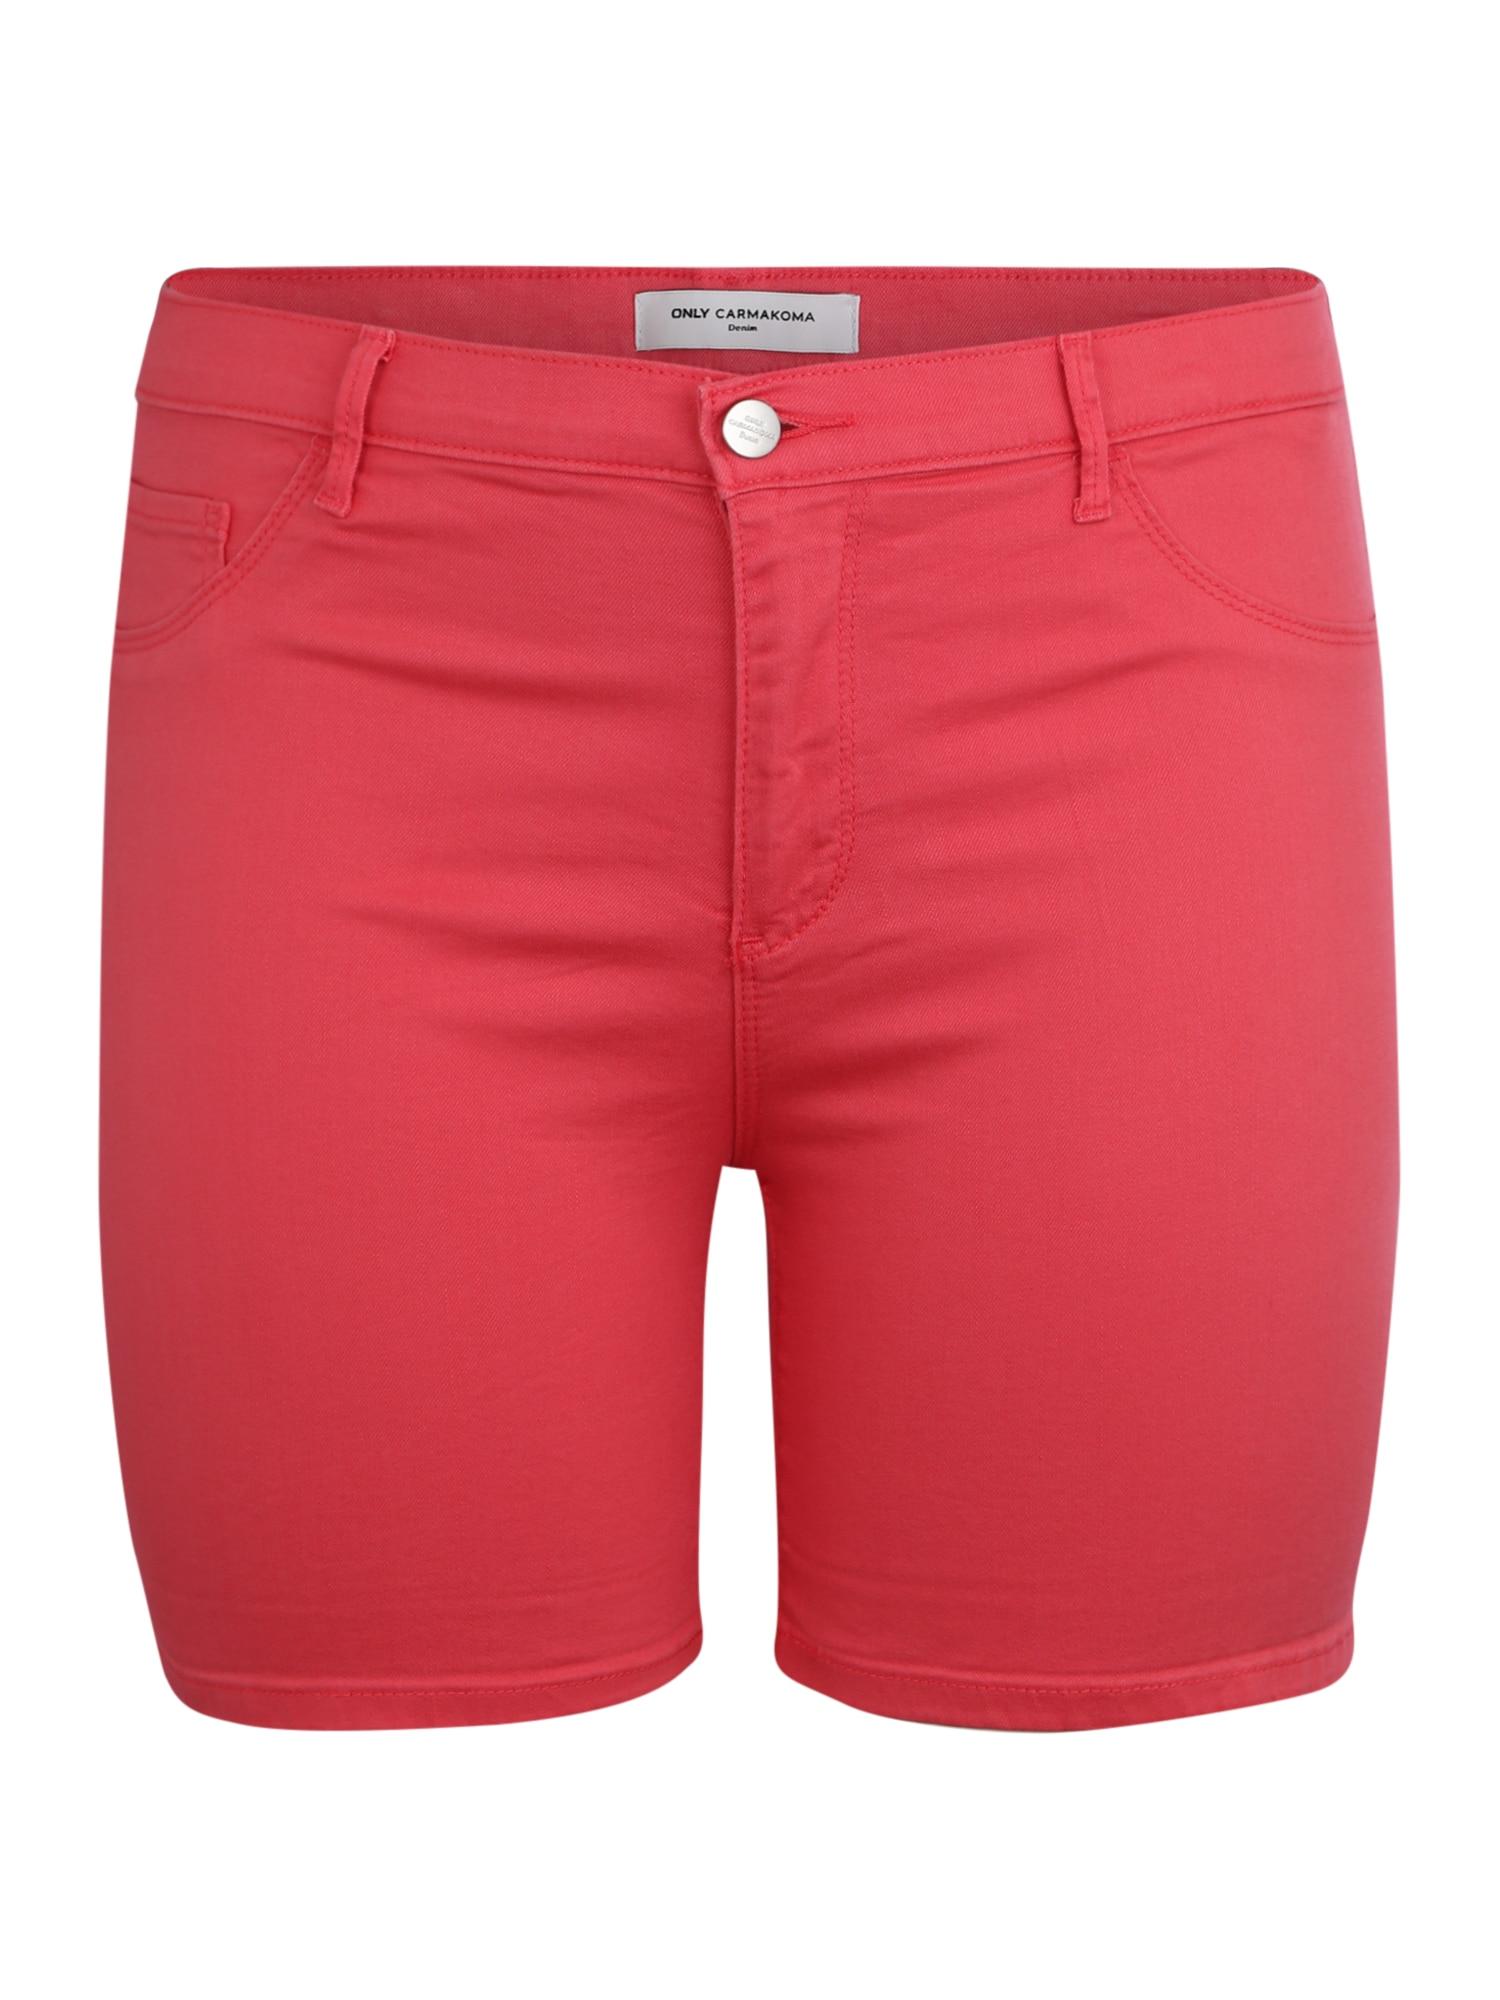 Kalhoty melounová ONLY Carmakoma